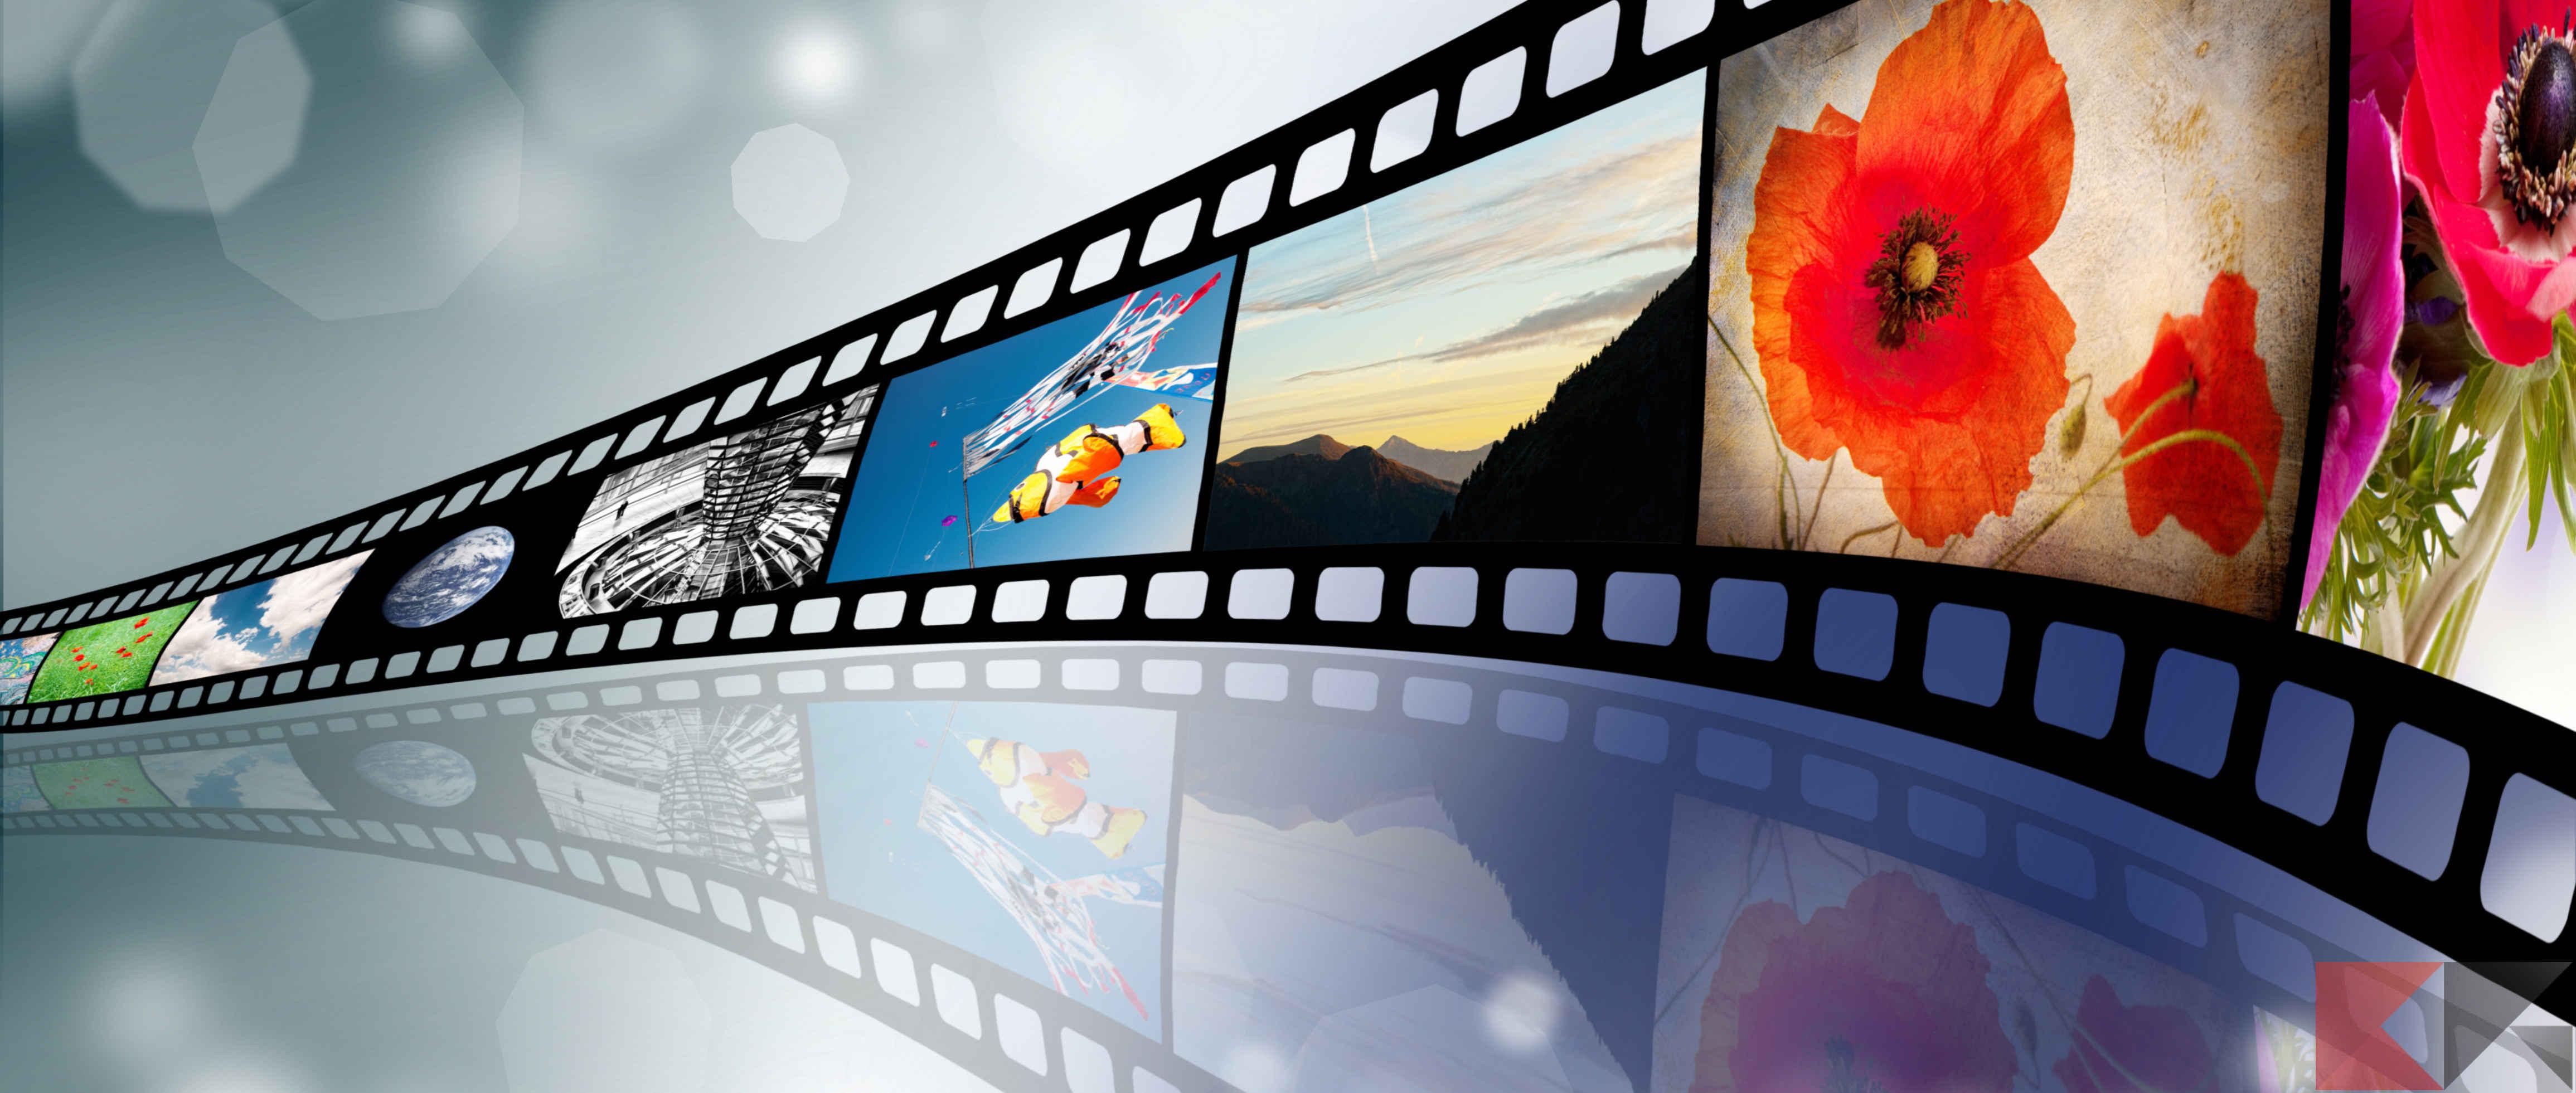 programmi per scaricare video